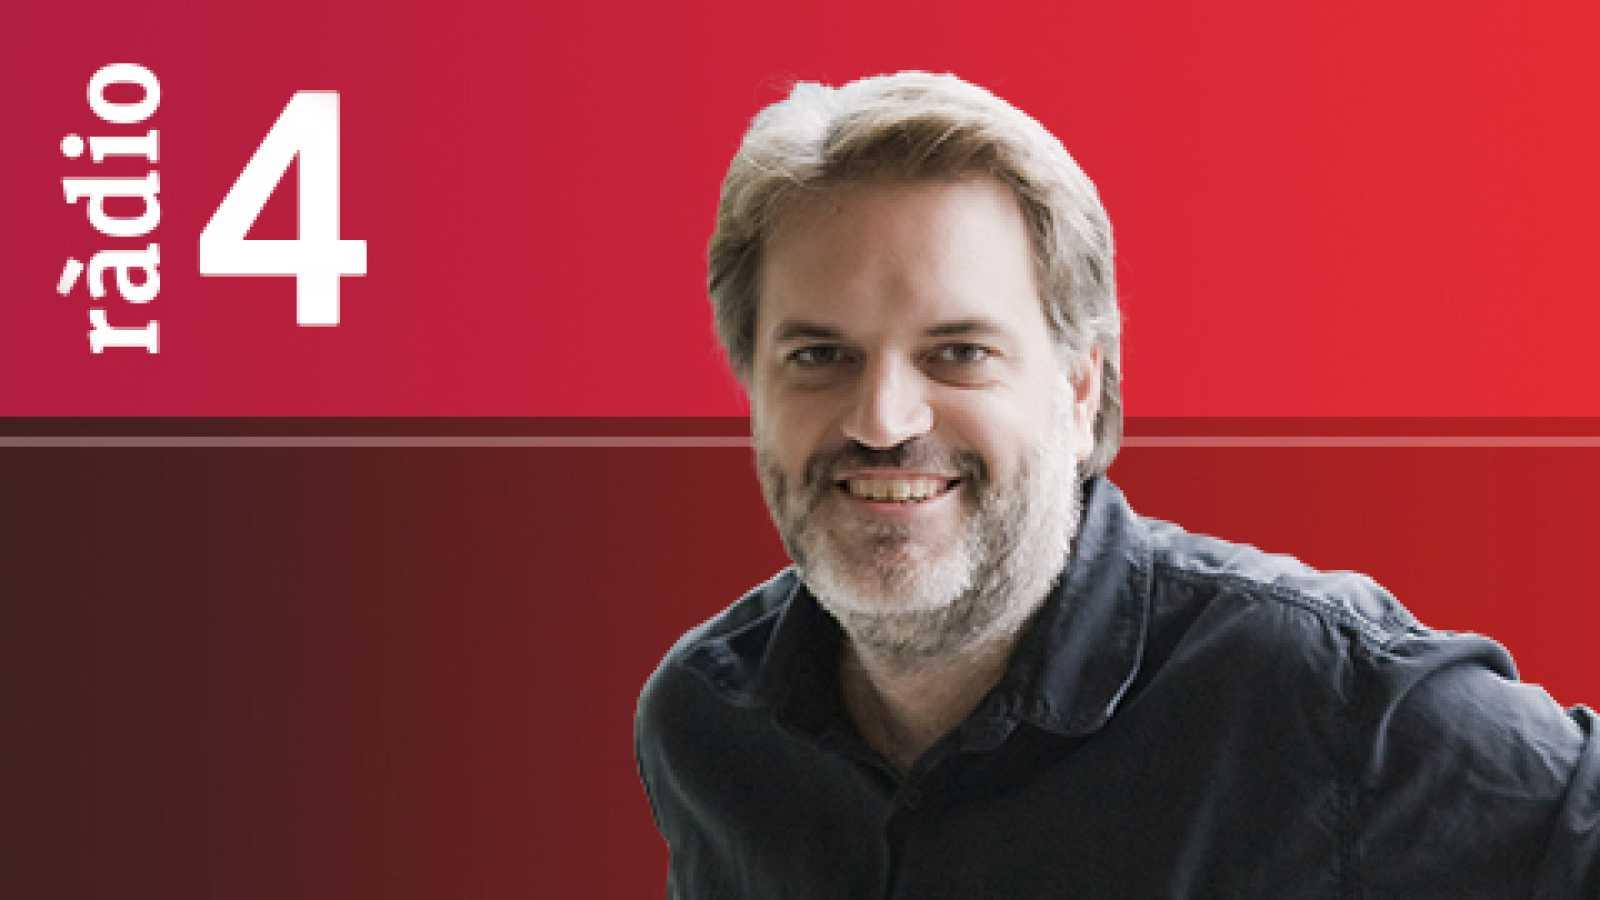 El matí a Ràdio 4 - Tertúlia política (segueix). Entrevista: Sergi Sabrià (ERC)